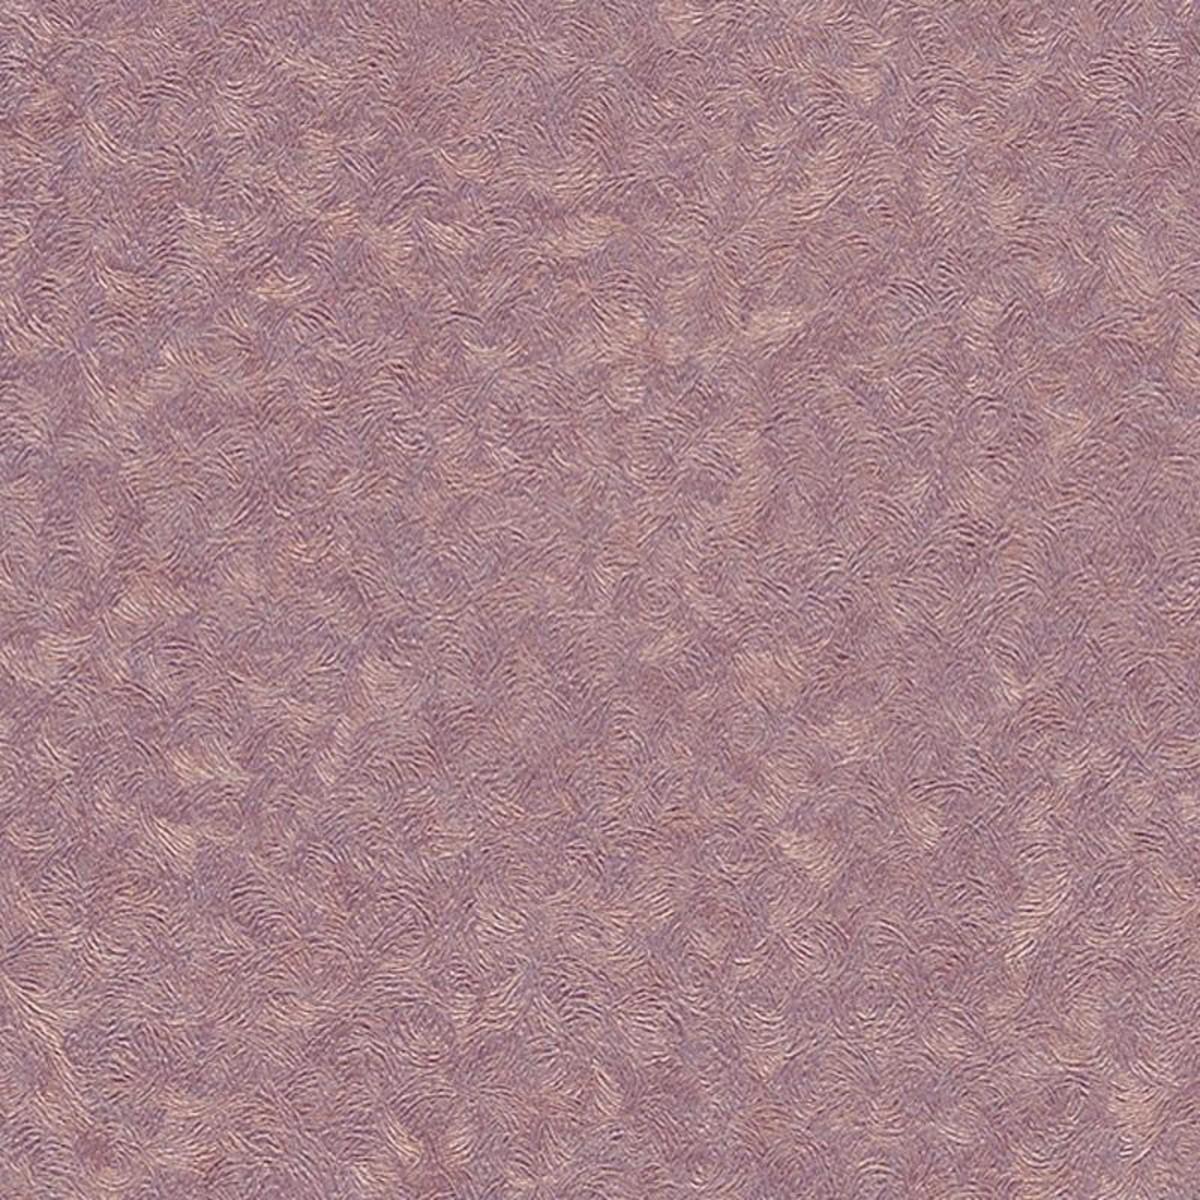 Обои виниловые Rasch Celebrity фиолетовые 0.70 м 916690